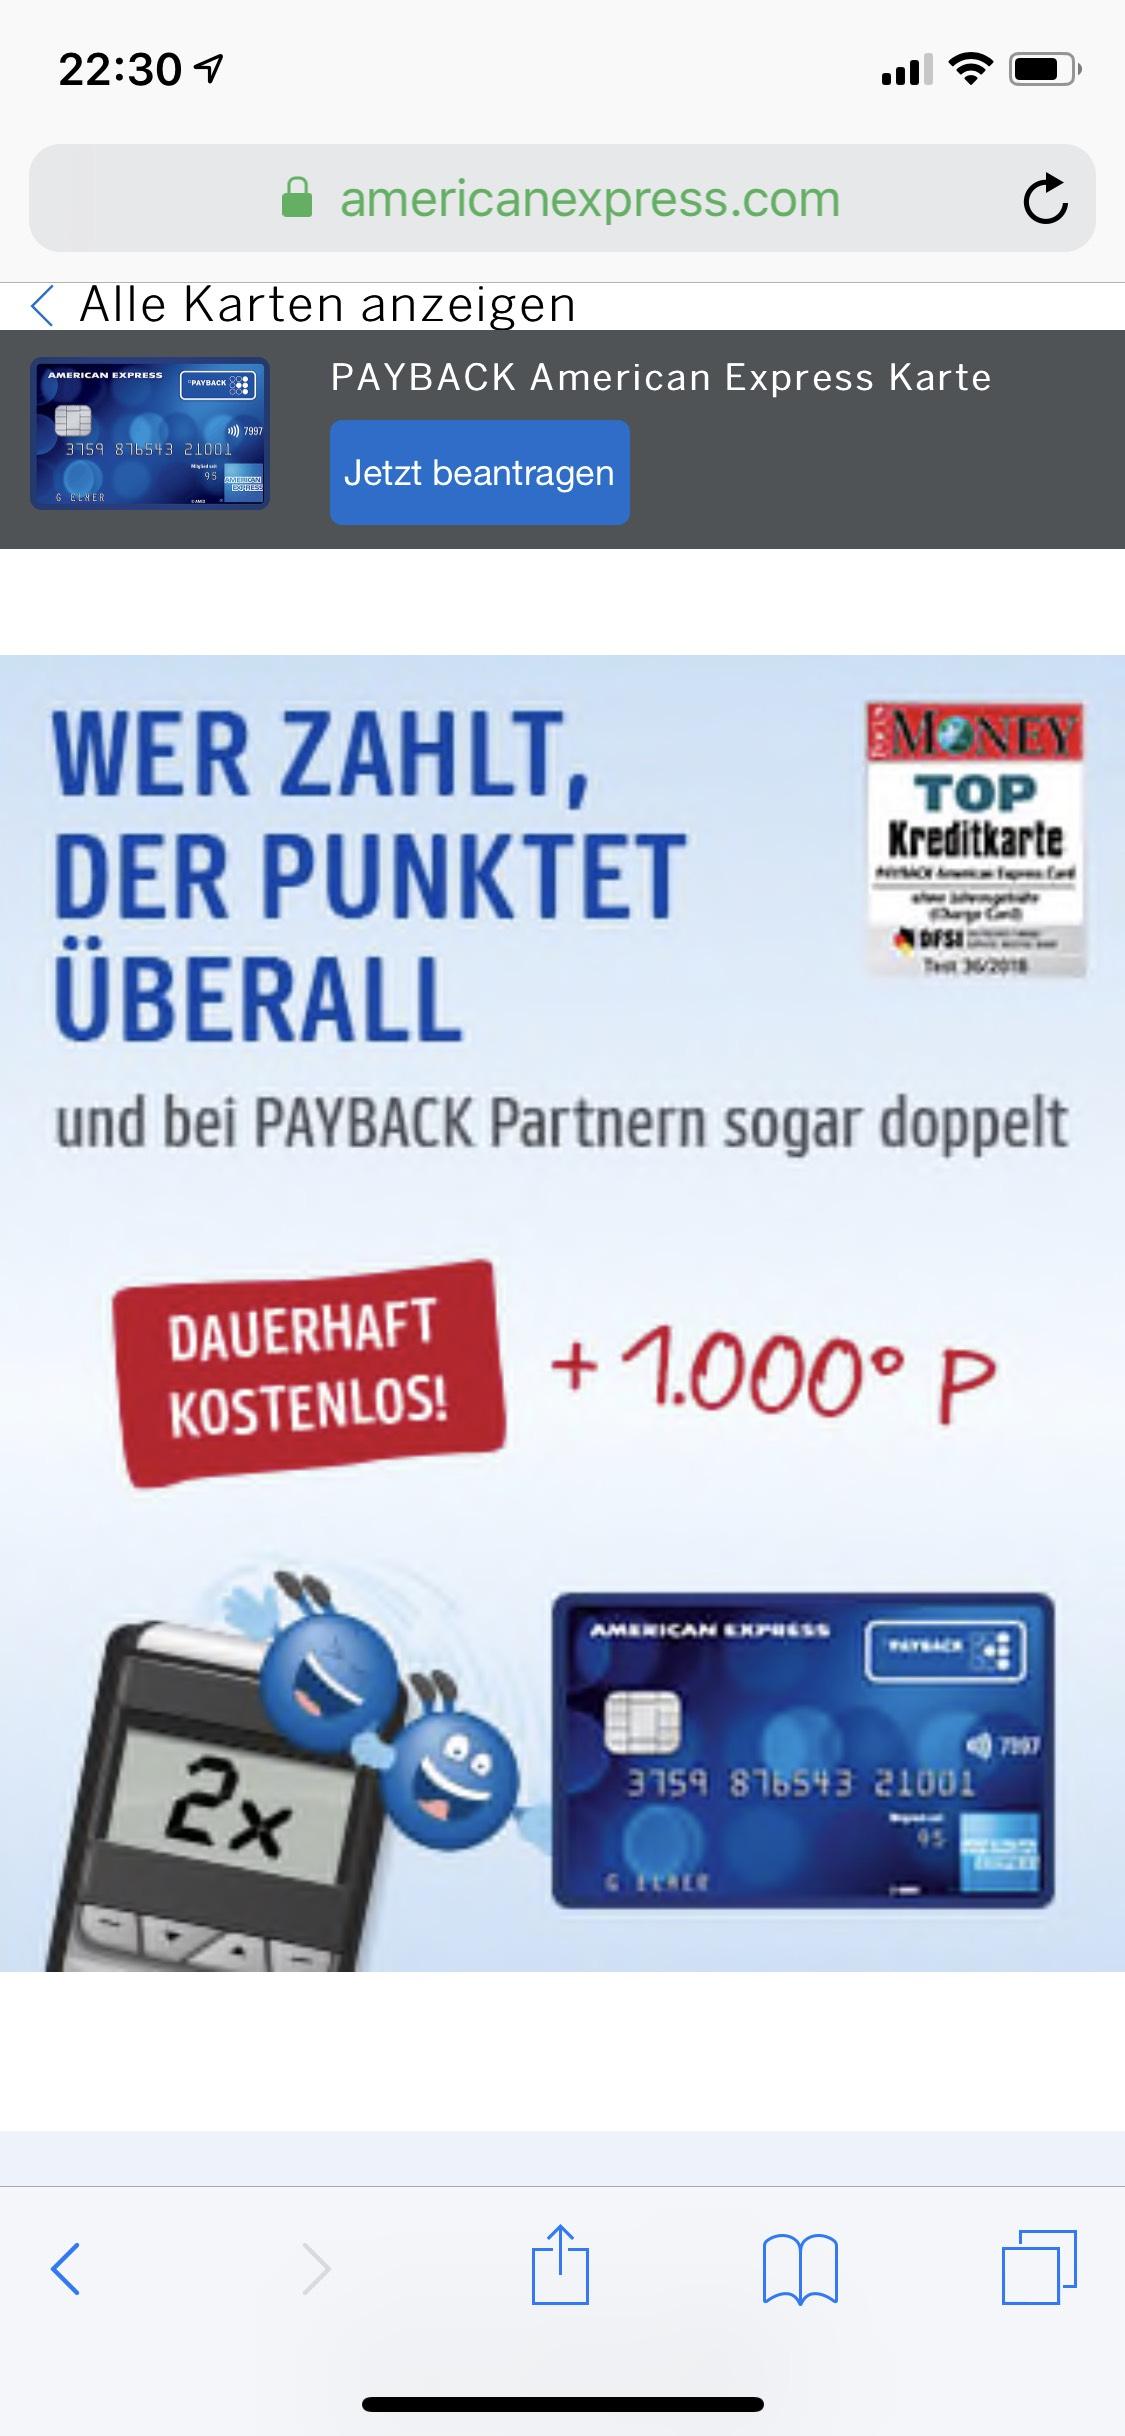 Amex Payback Kreditkarte kostenlos+1000 Punkte kostenlos erhalten!